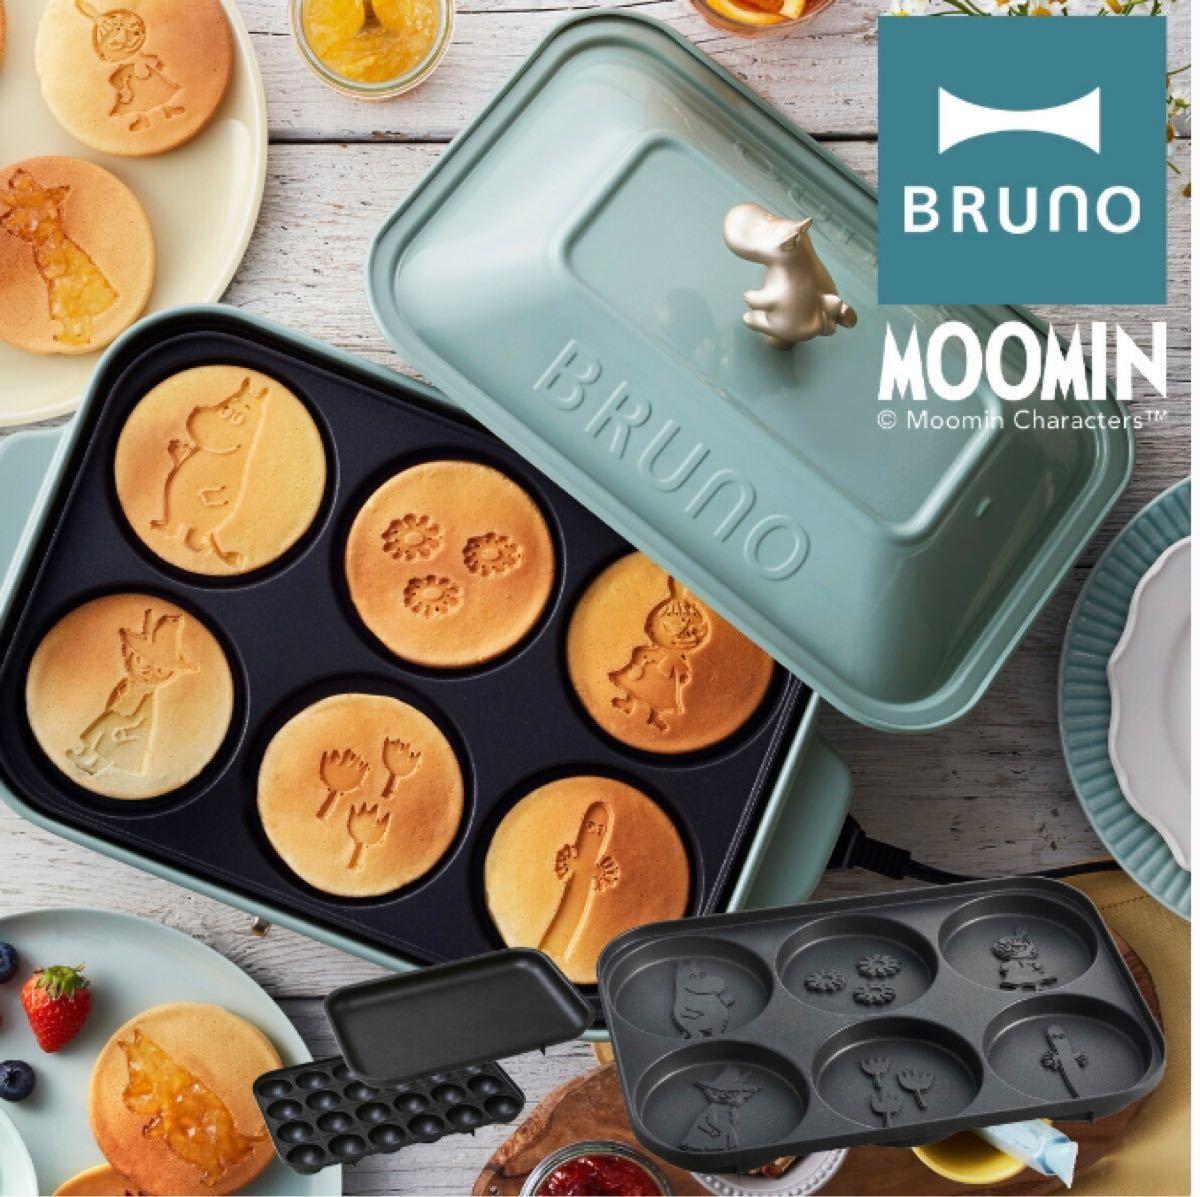 BRUNO ブルーノ コンパクトホットプレート BOE059 ブルーグリーン ムーミン